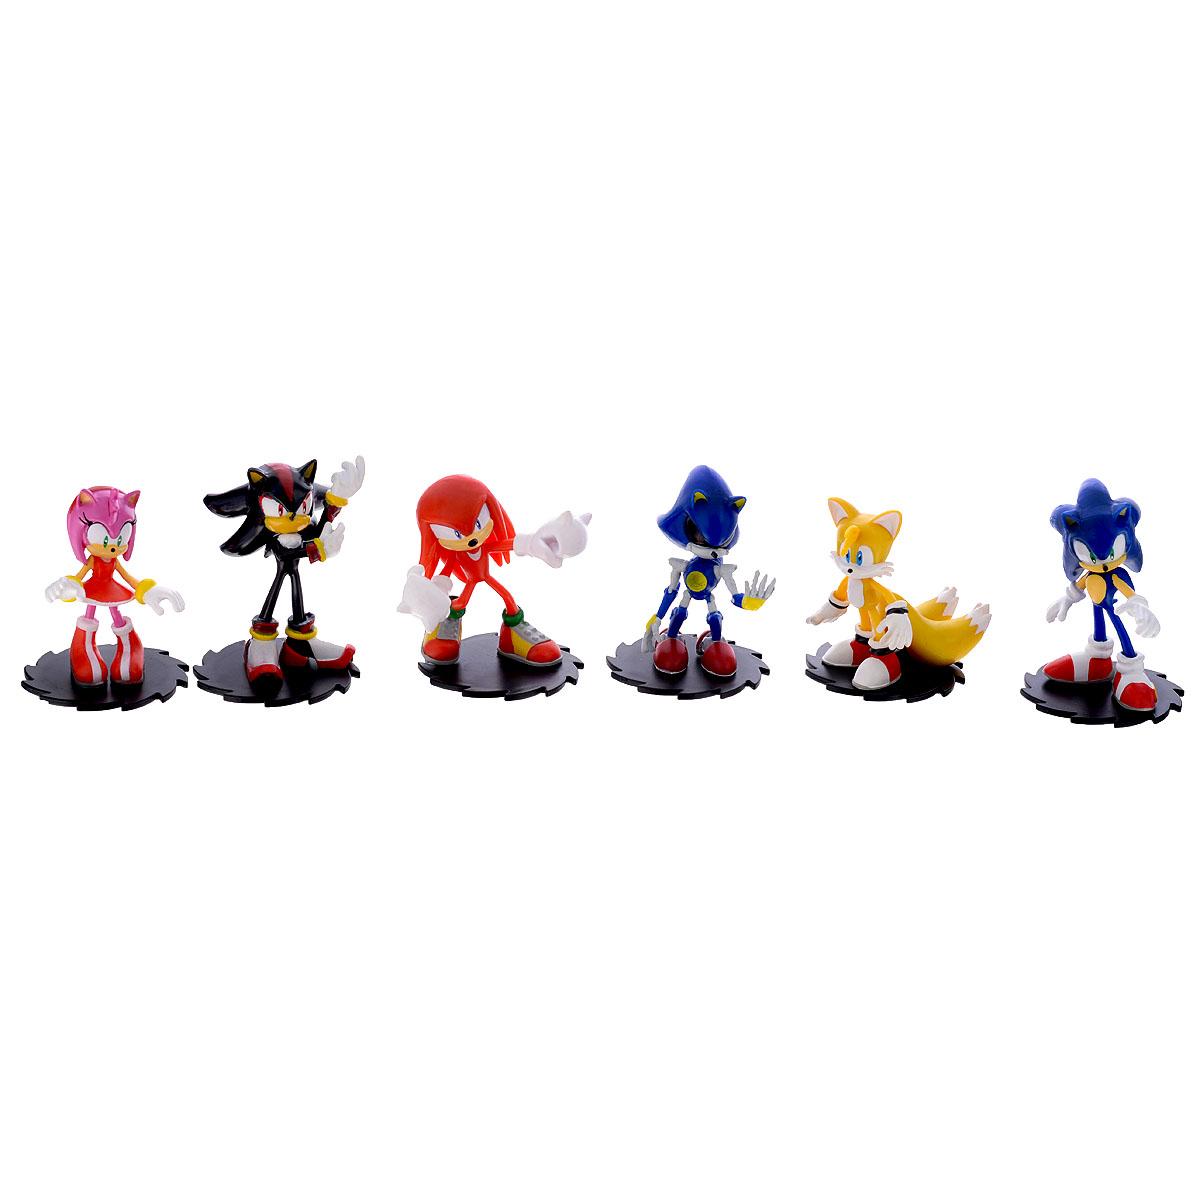 Набор фигурок Sonic Modern Collector's Set, 6 шт набор игрушек фигурок sonic соник модерн пэк